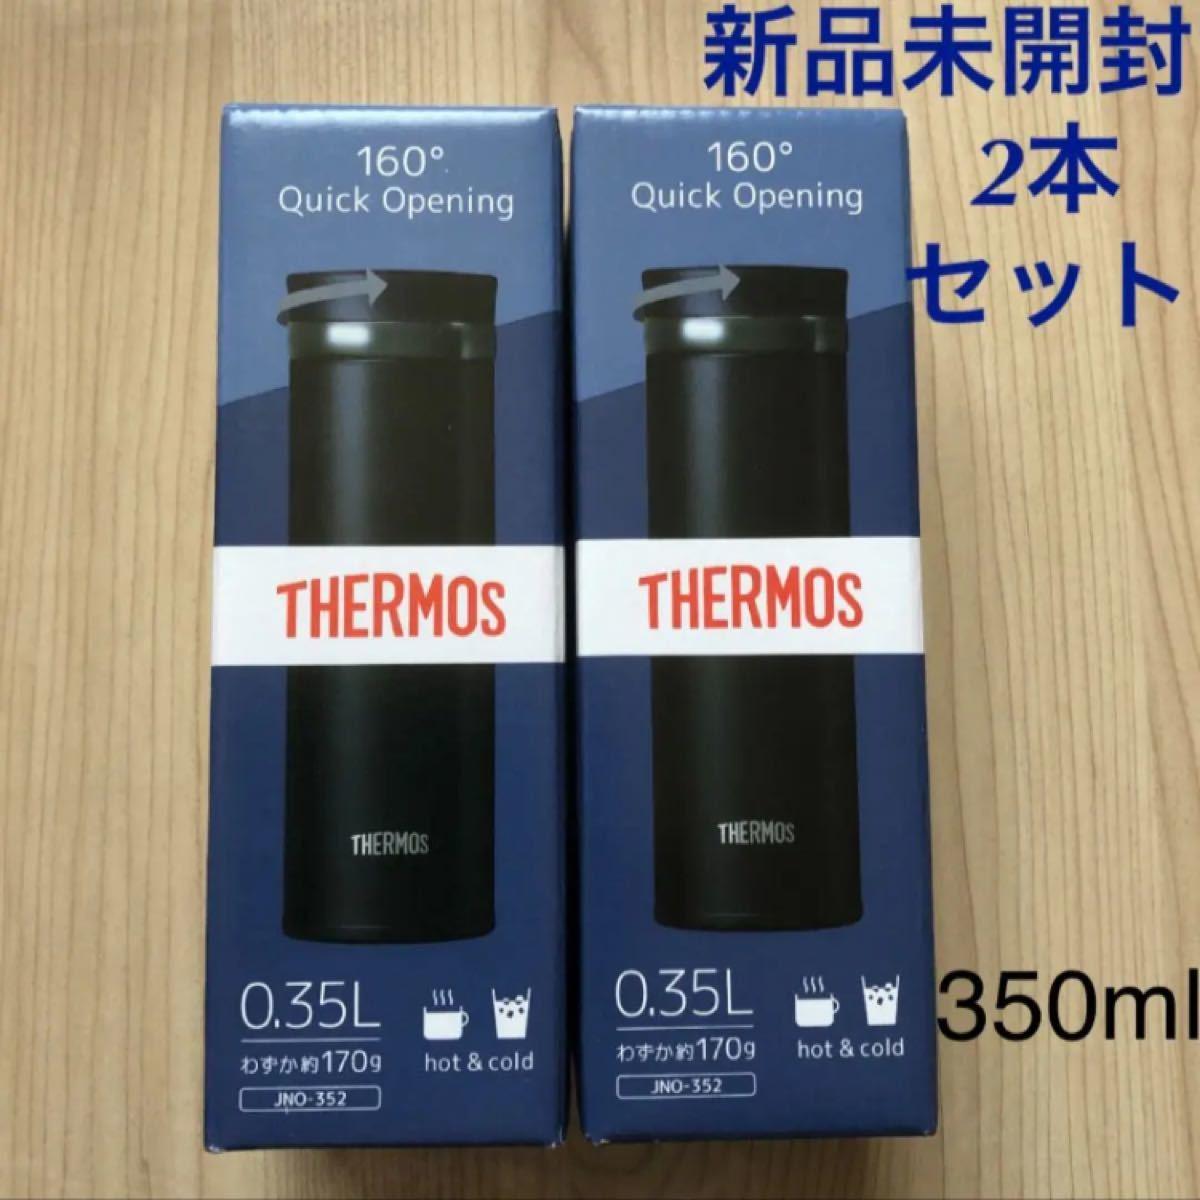 【2本】新品 THERMOS サーモス 真空断熱ケータイマグ 350ml  ダークネイビー 水筒 ステンレスボトル JNO-352